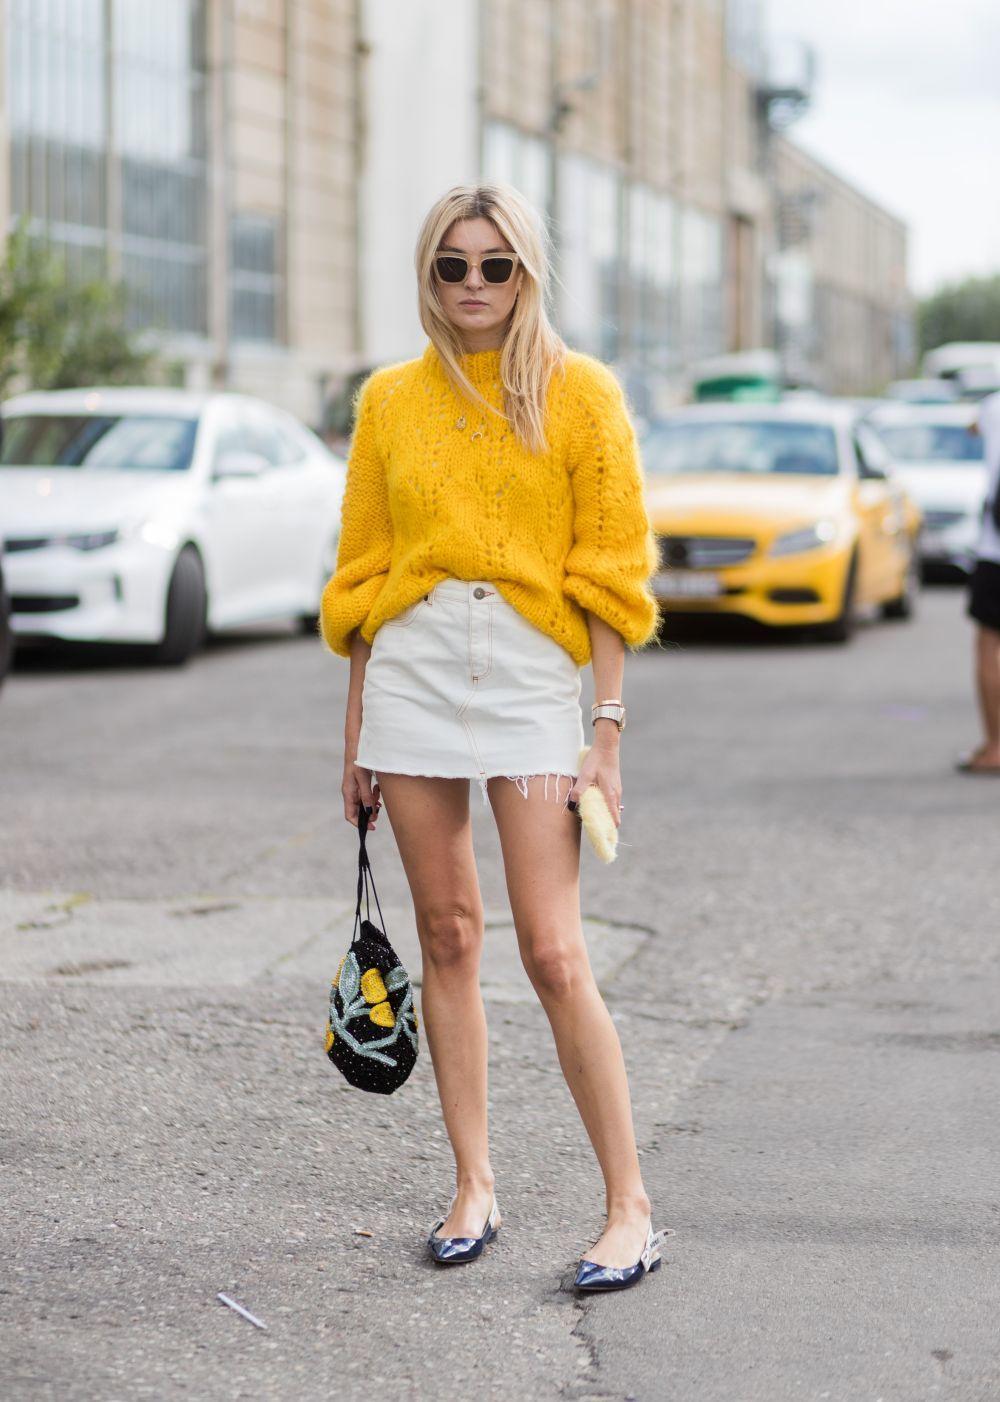 Con o sin medias, la combinación falda y bailarinas no falla.